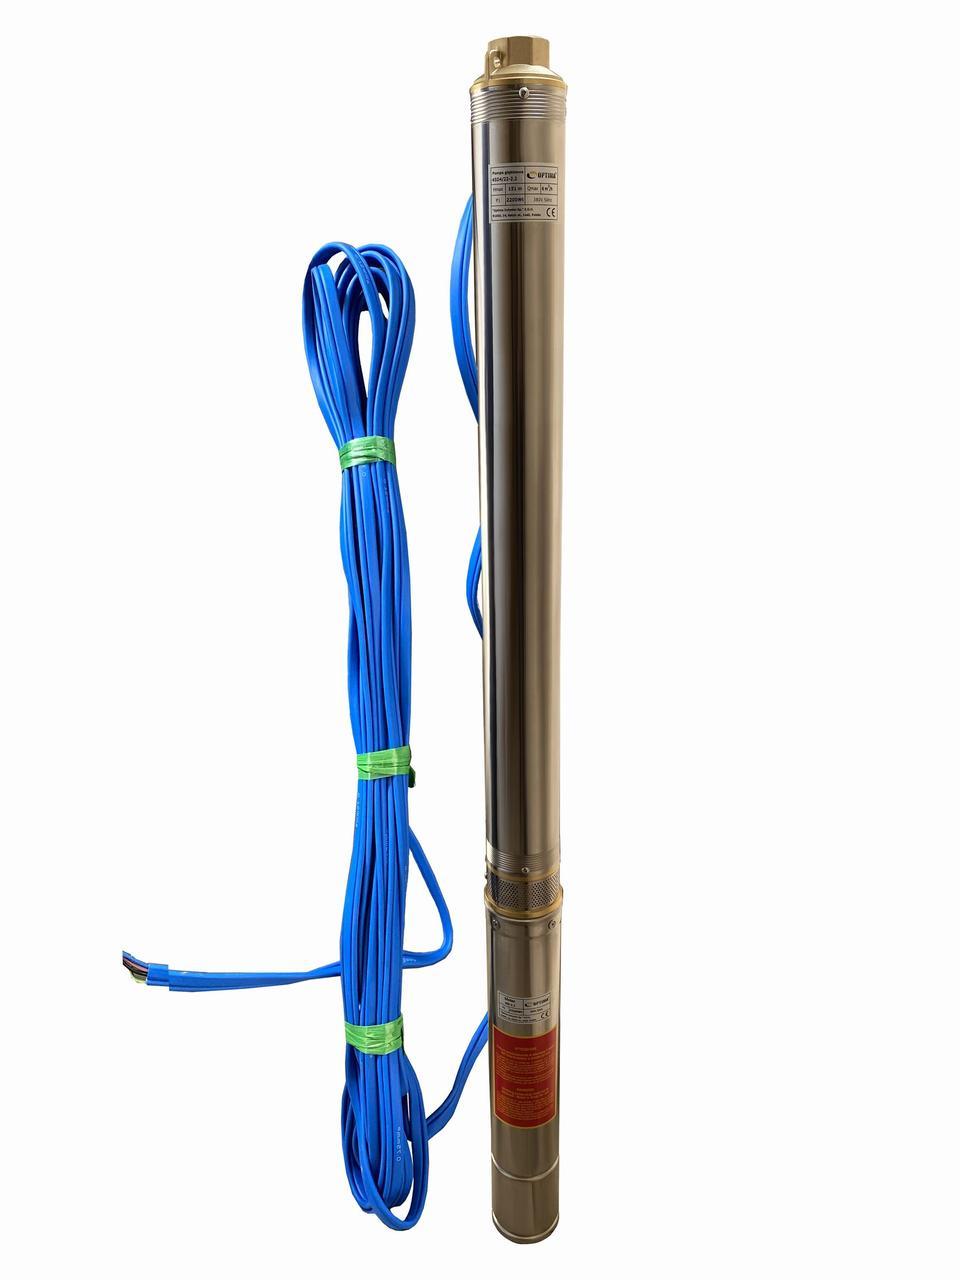 Насос свердловинний з підвищеною вуст-ма до піску OPTIMA 4SD 4/22 2,2 кВт 151м 3-х фазний